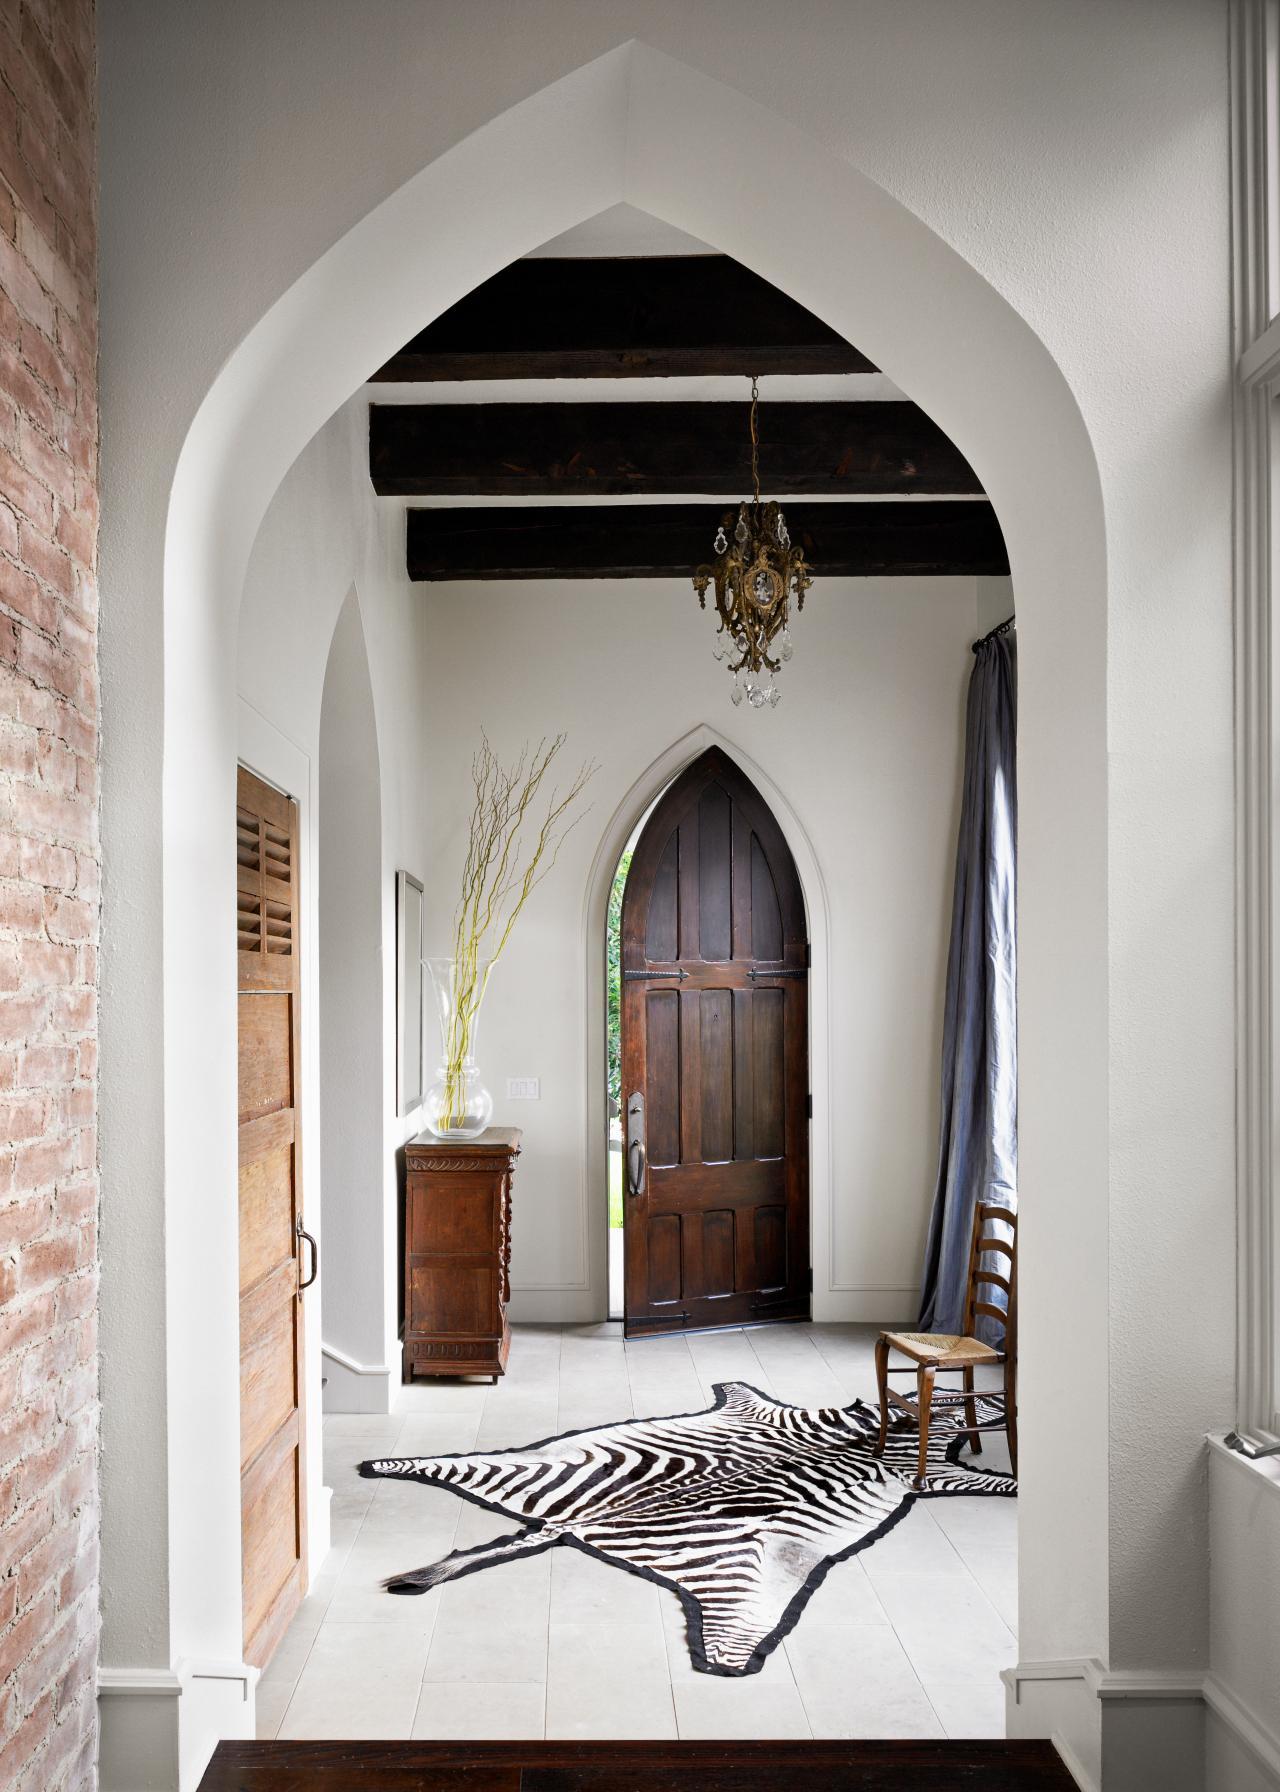 Арки в готическом стиле в интерьере